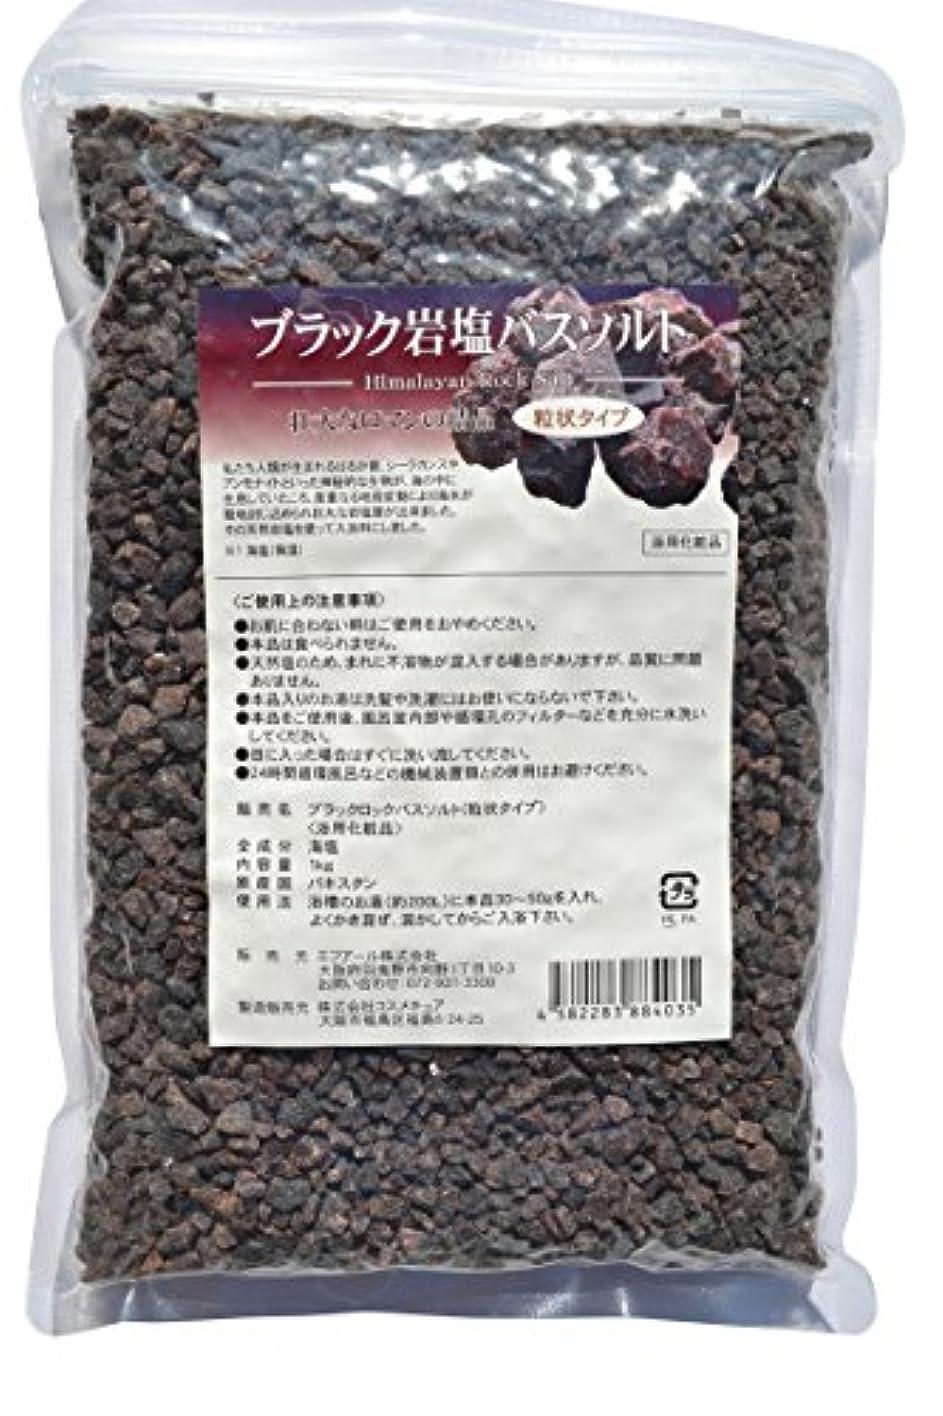 契約した心理的バンドブラック岩塩 バスソルト 粒状タイプ 1kg